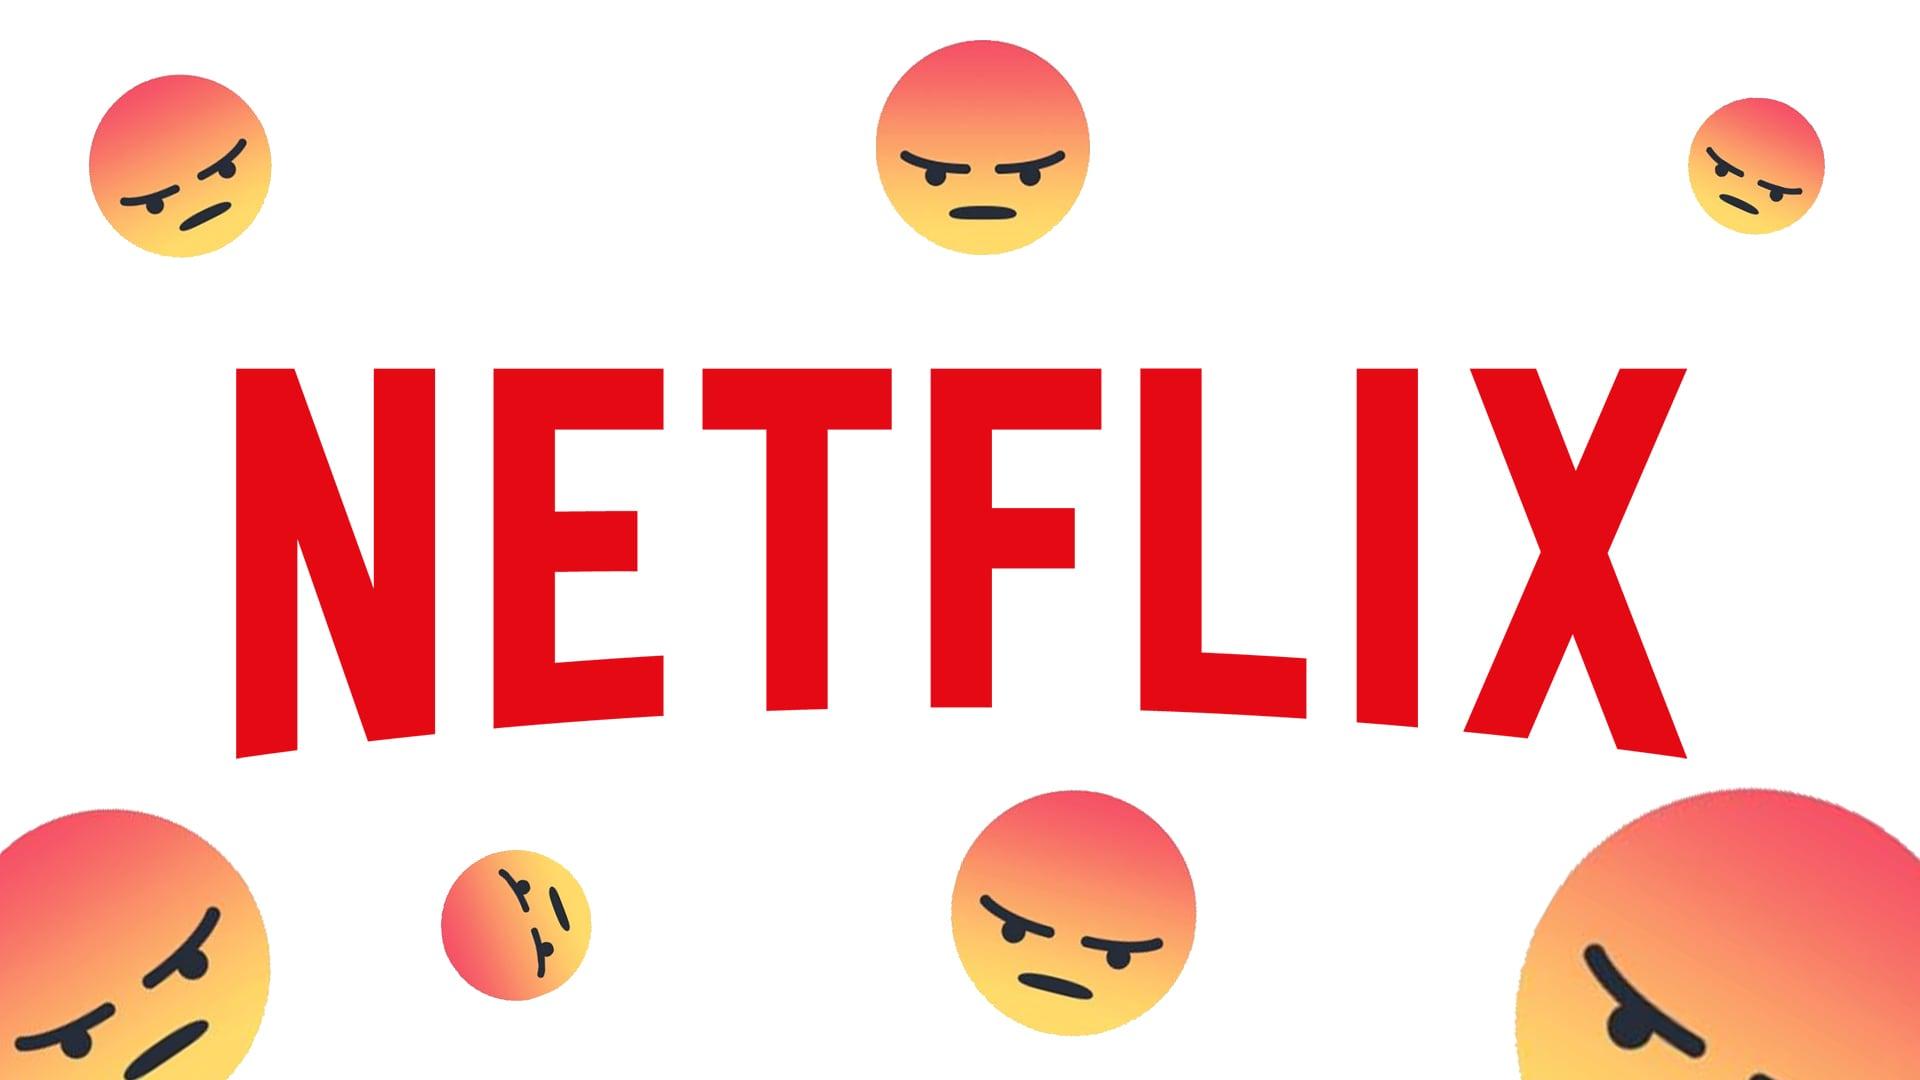 Netflix ultra un nuovo piano da 16 99 al mese smartworld for Finito piano piano interruzione sciopero piani